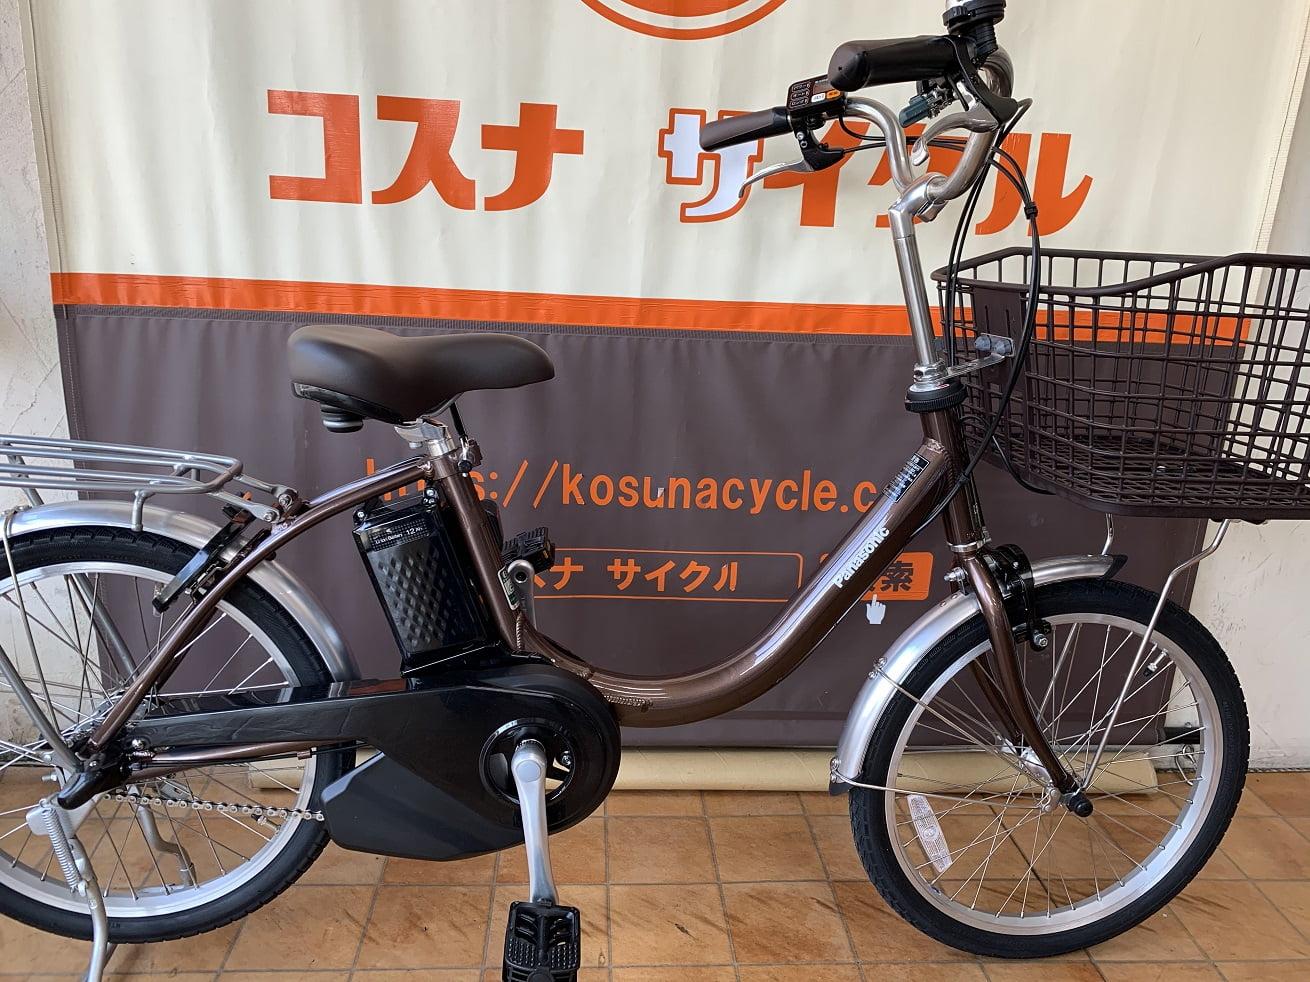 ビビL20パナソニック電動アシスト自転車 チョコブラウンカラー